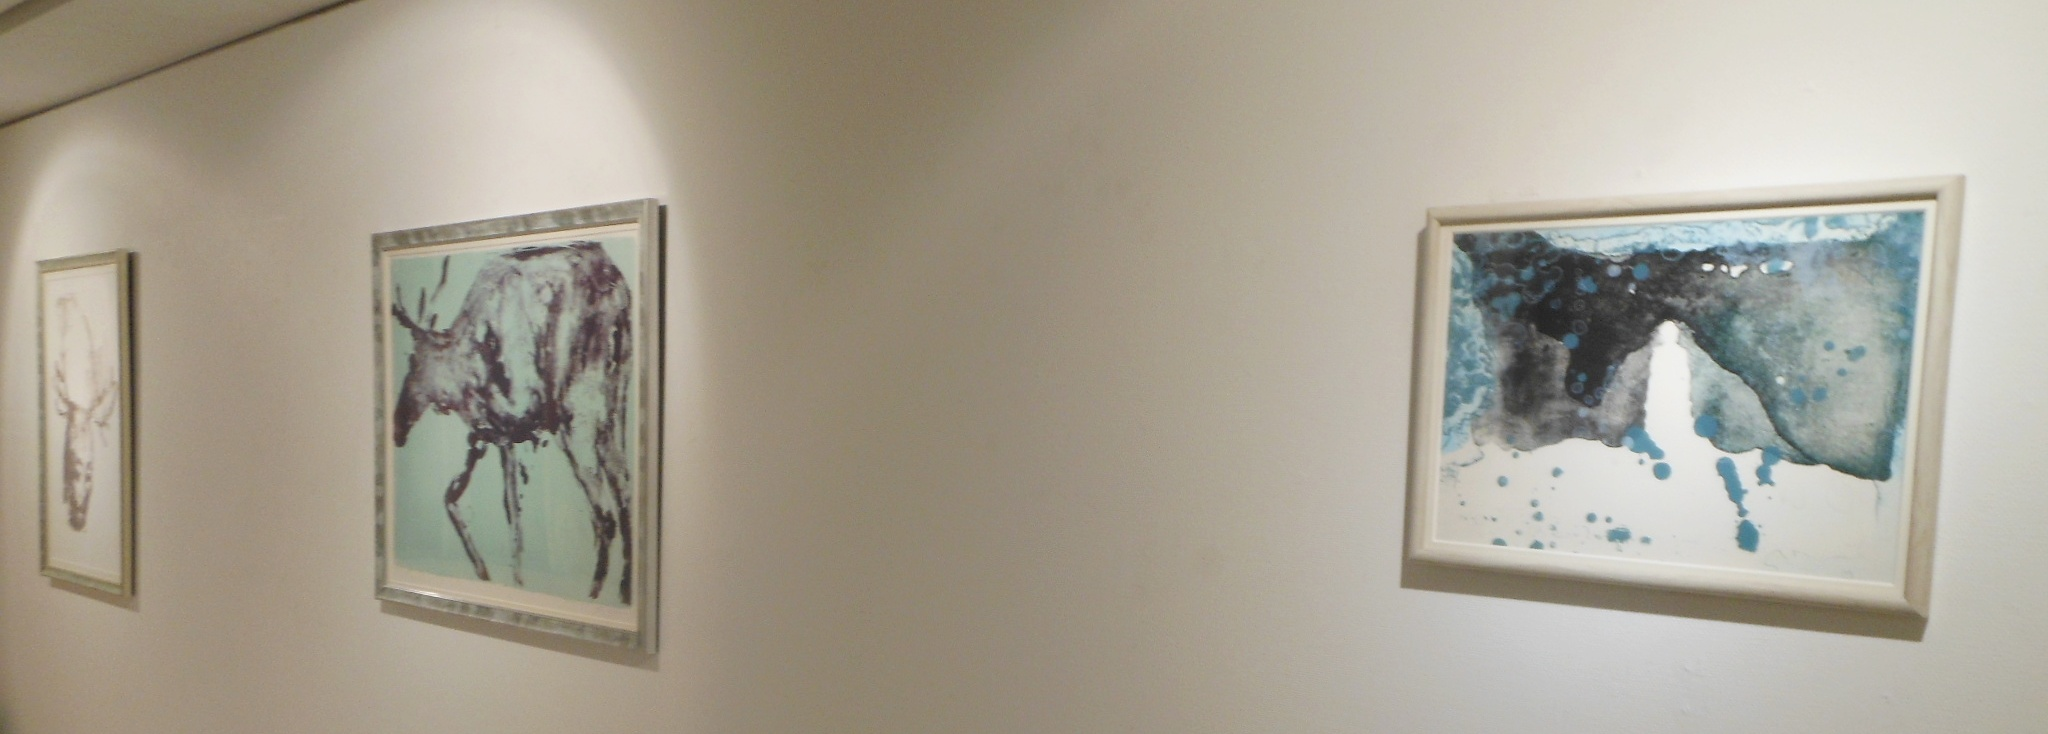 1859) ①「霜月 ノーザン アーツ コラボレーション (前期)」 門馬 11月3日(土)~11月26日(月)_f0126829_23312826.jpg